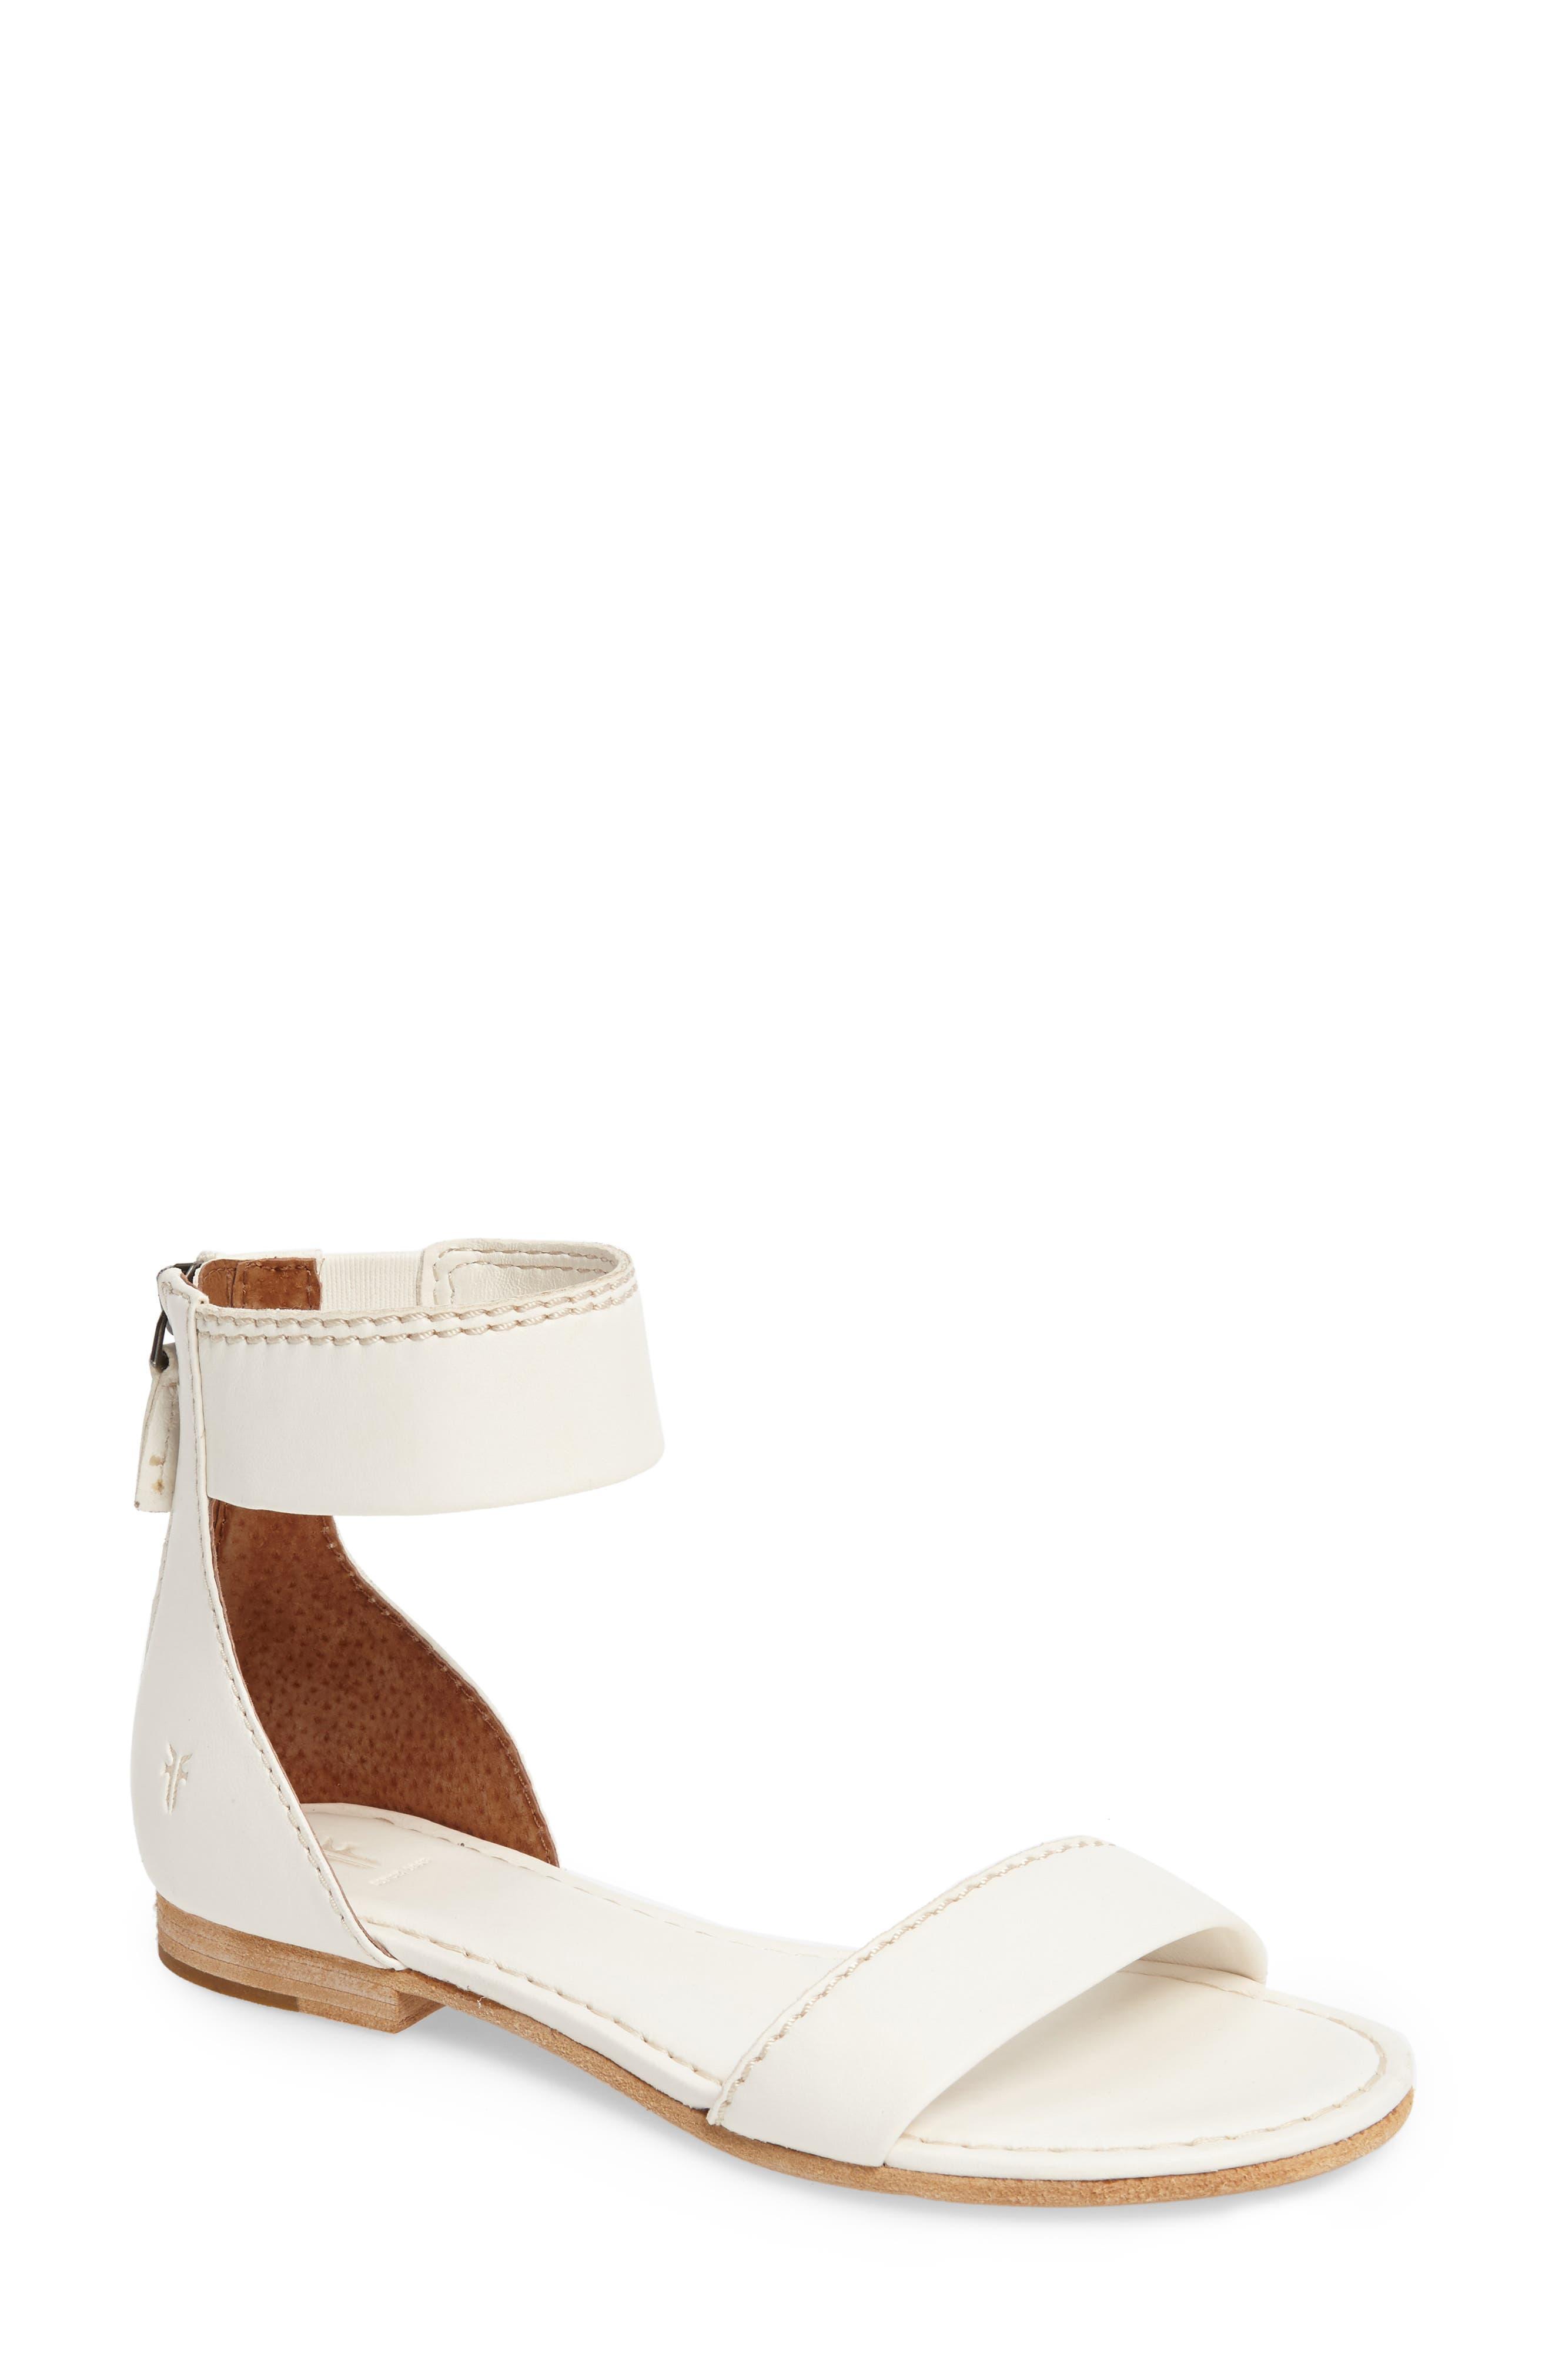 Main Image - Frye Carson Ankle Strap Sandal (Women)